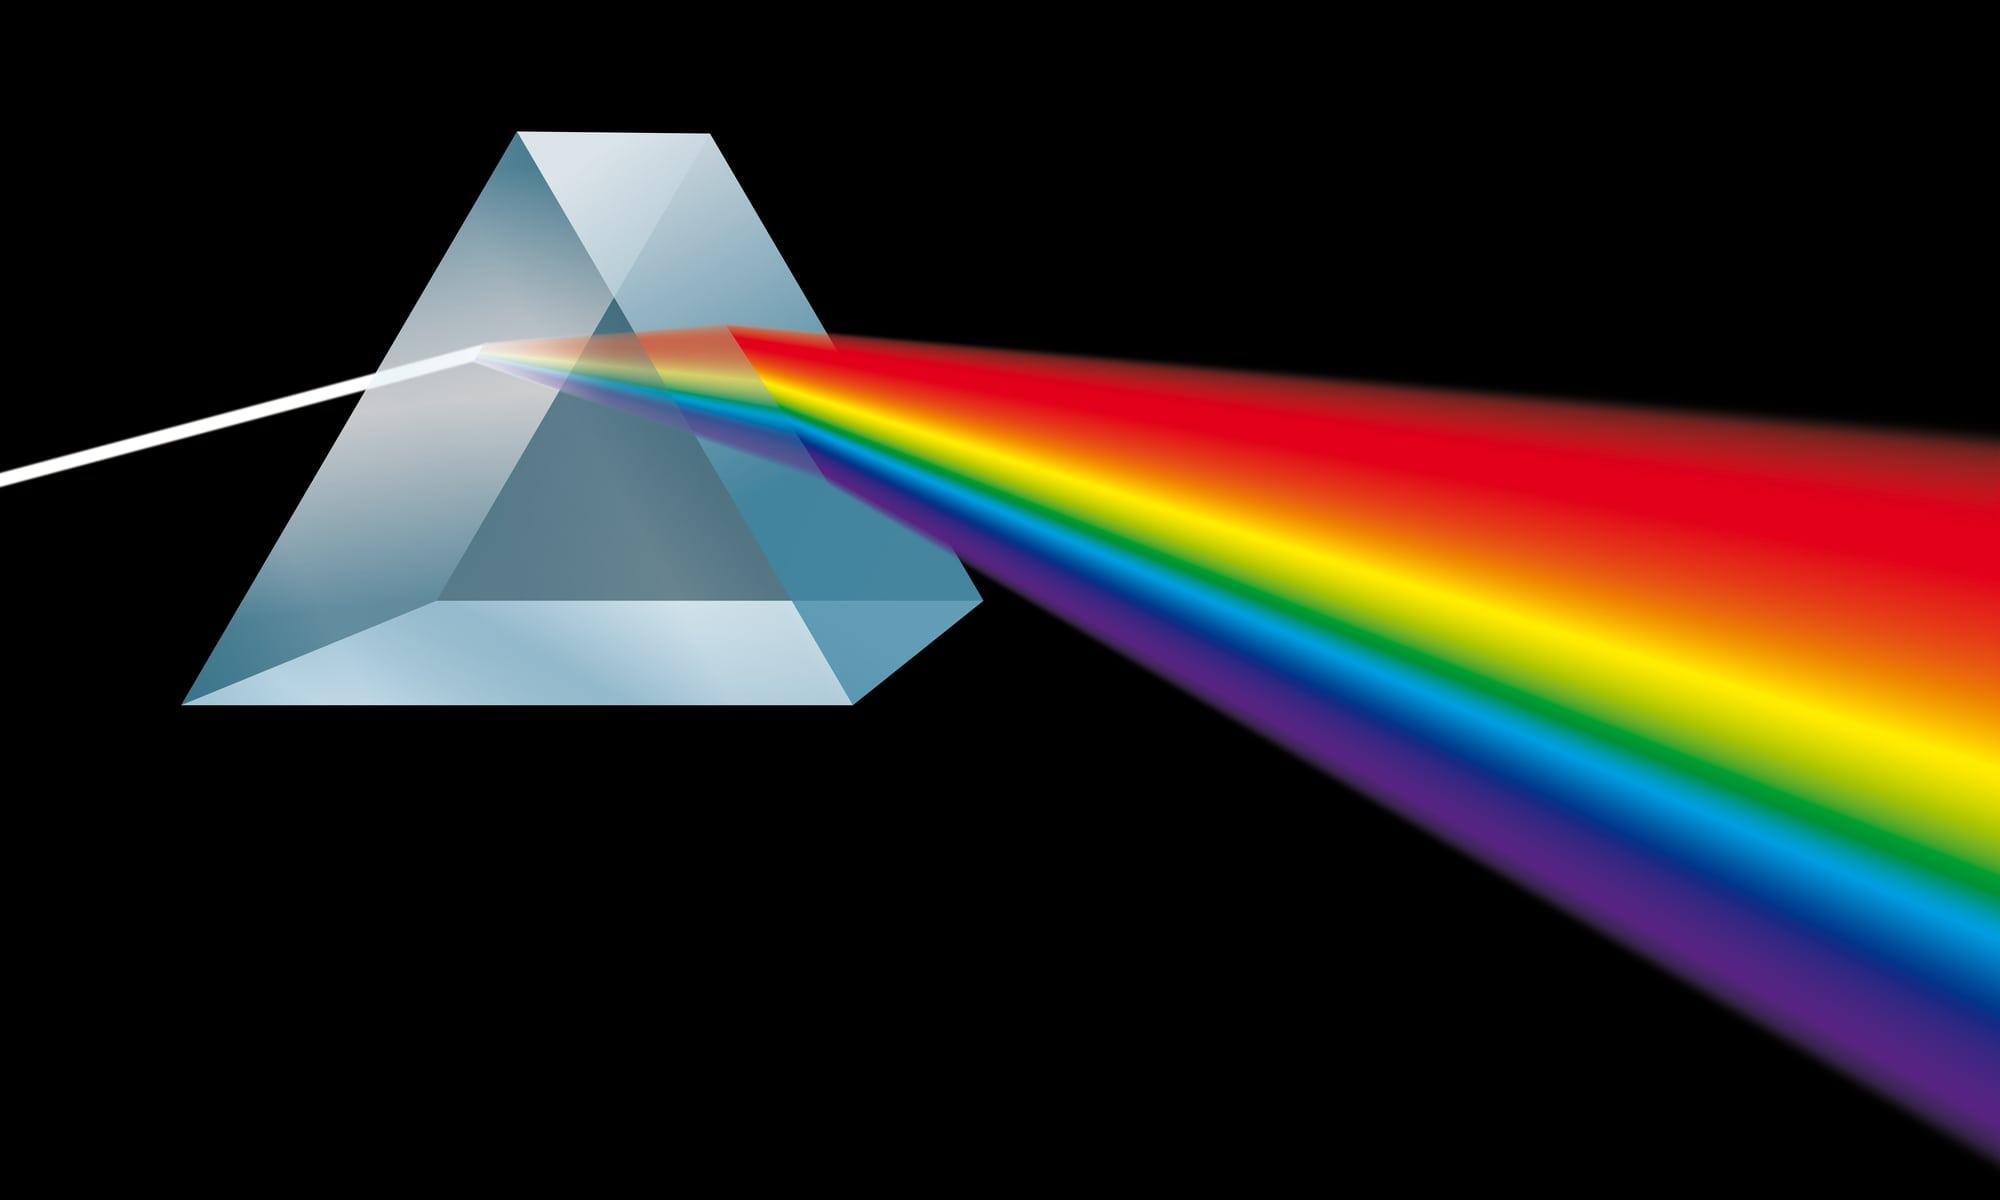 В трейлере «Дюны» Дени Вильнева звучит песня Pink Floyd